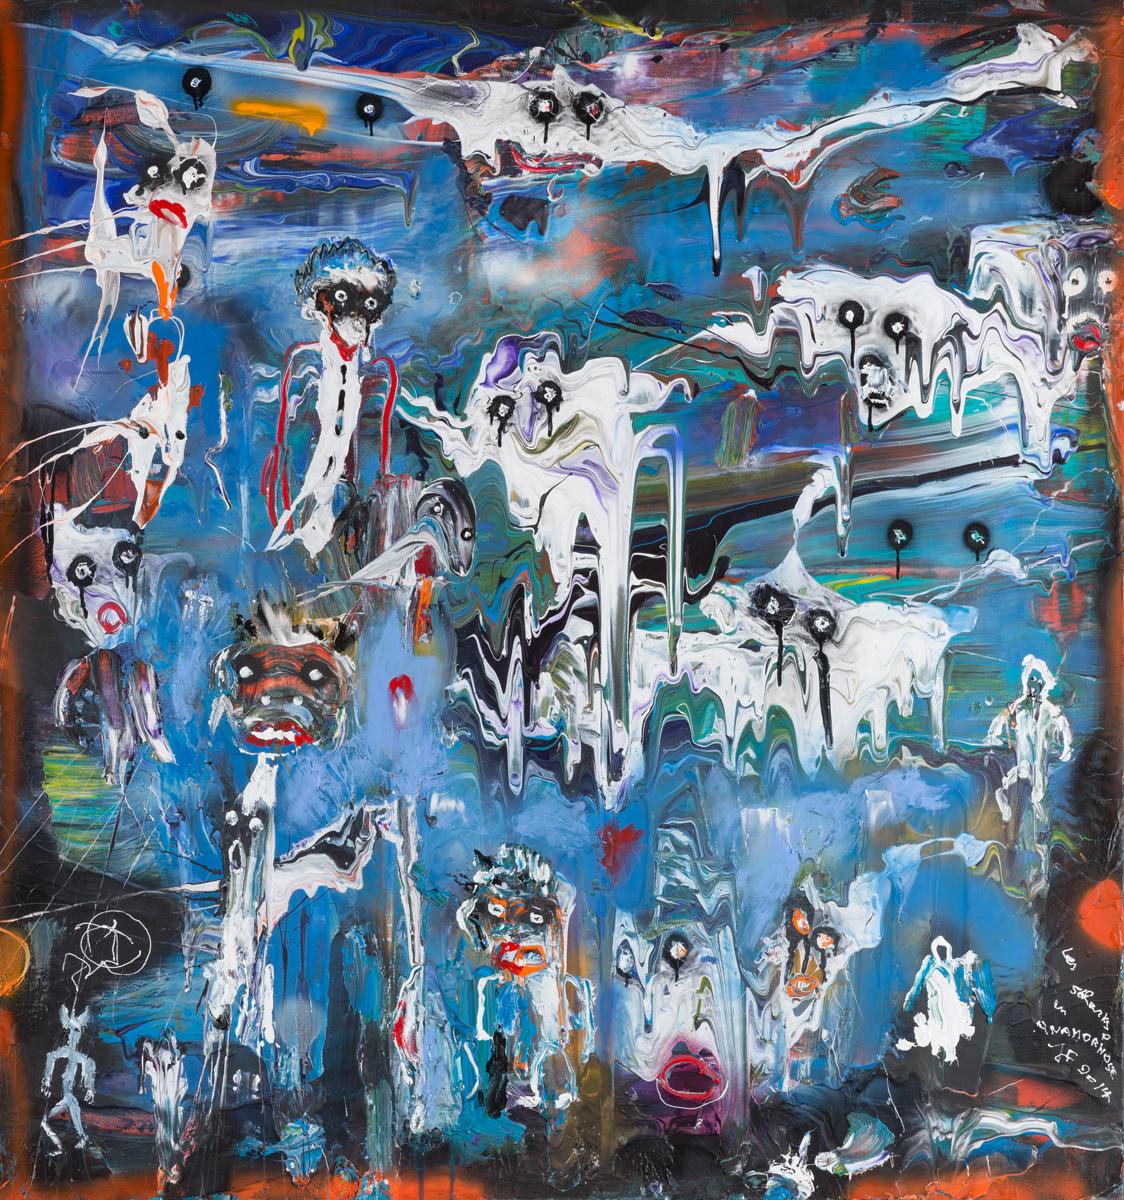 Schnarks en anamorphose (2012) - Acrylique sur toile, 150 x 140 cm